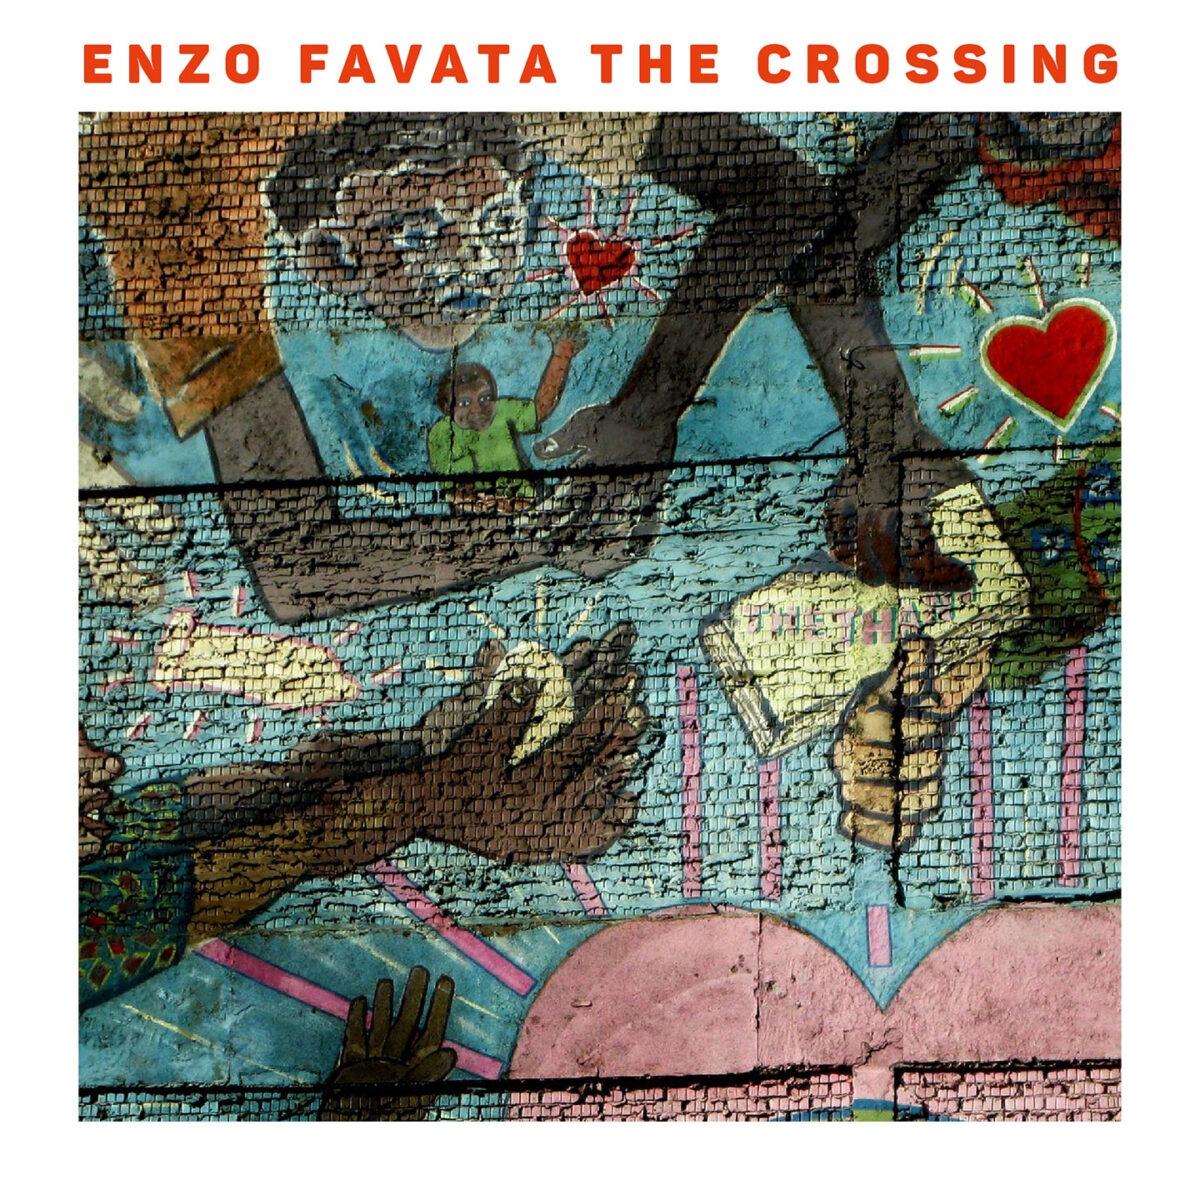 Enzo Favata - Enzo Favata & The Crossing - The Crossing - Niafunken - ascolti - album - ep - 2021 - Sa Scena - 29 marzo 2021